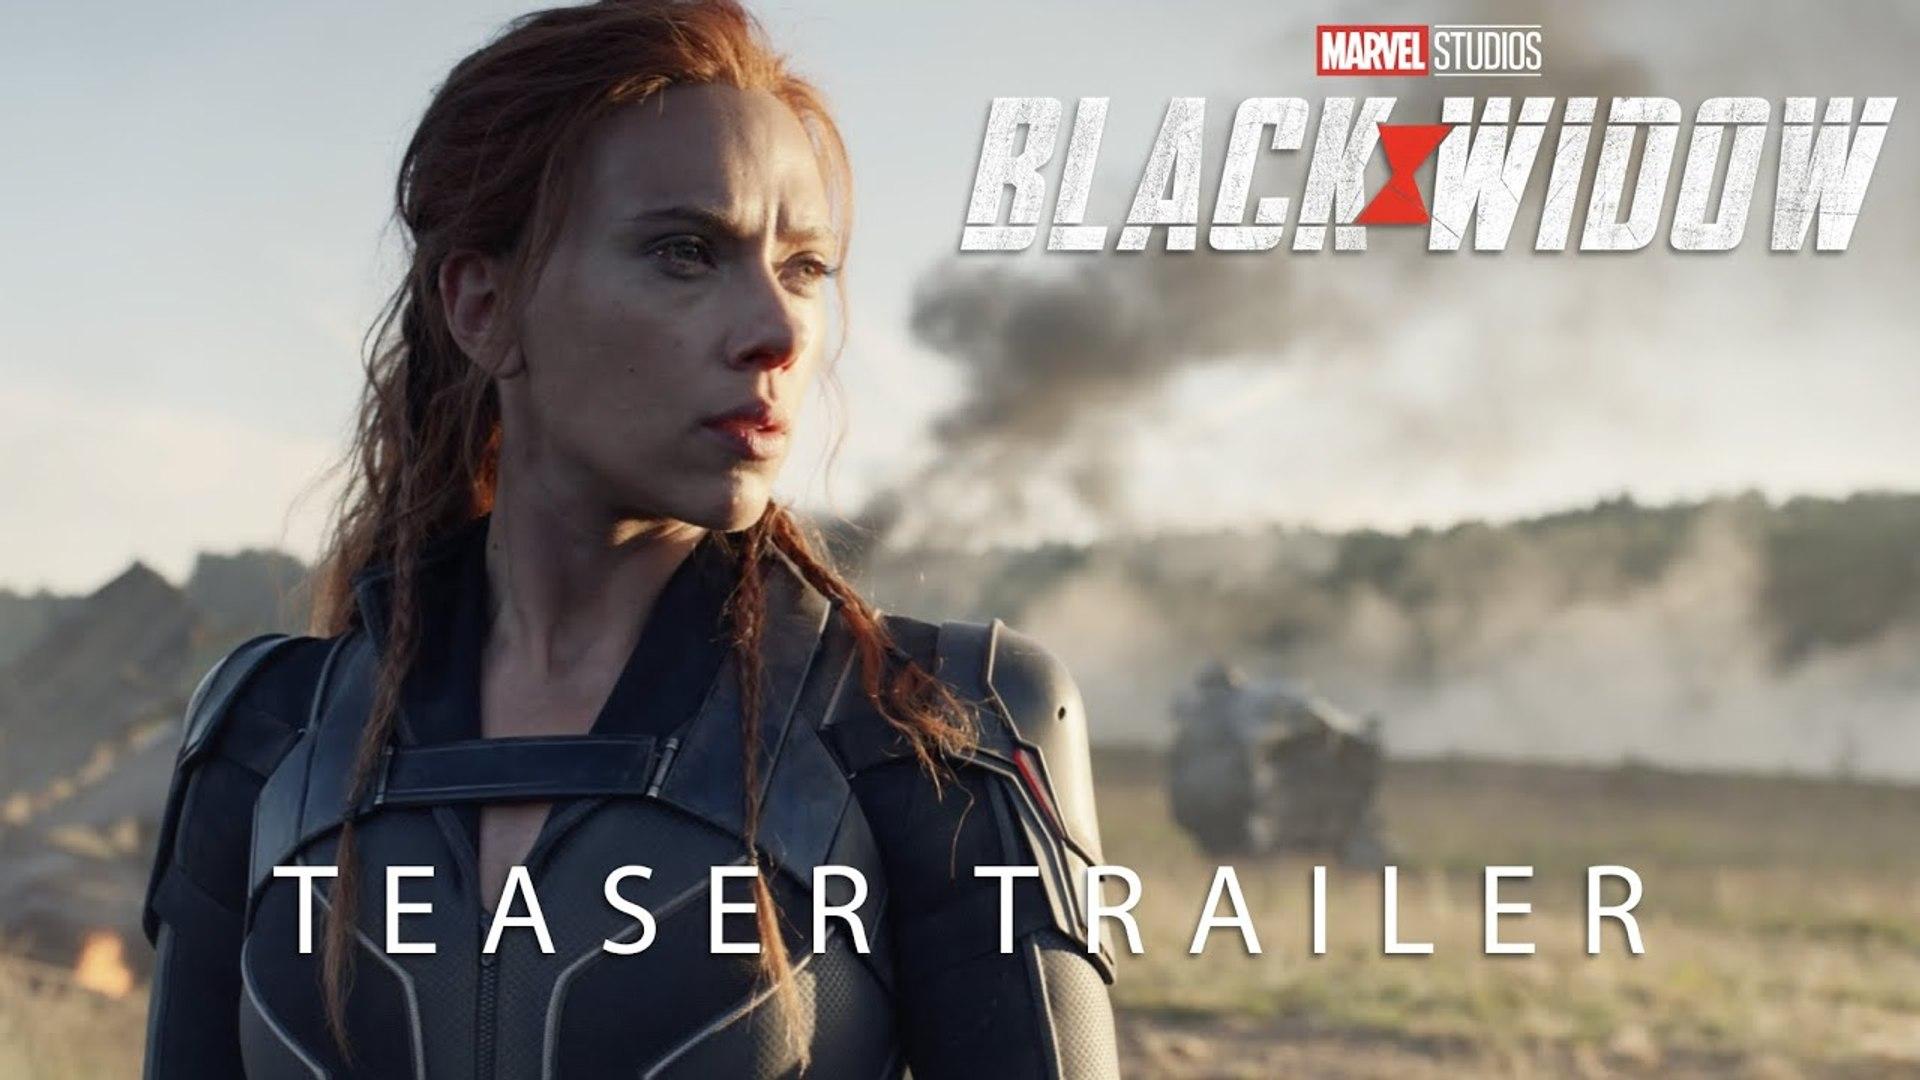 Black Widow Teaser Trailer 2020 Scarlett Johansson Action Movie